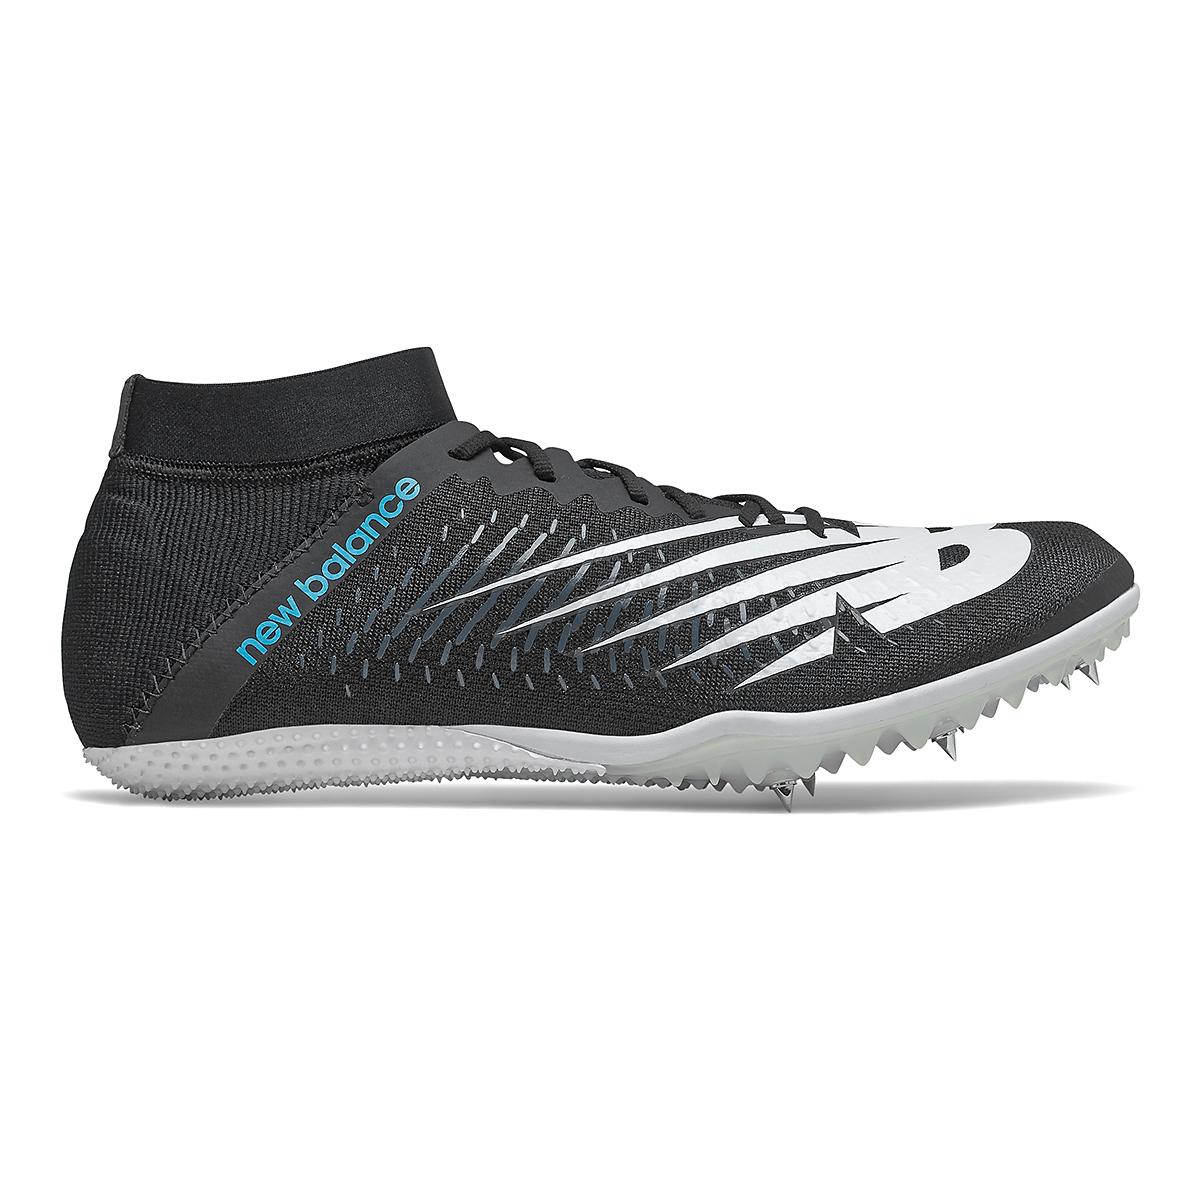 Men's New Balance SD100v3 Track Spikes - Color: Black/White - Size: 4.5 - Width: Regular, Black/White, large, image 1